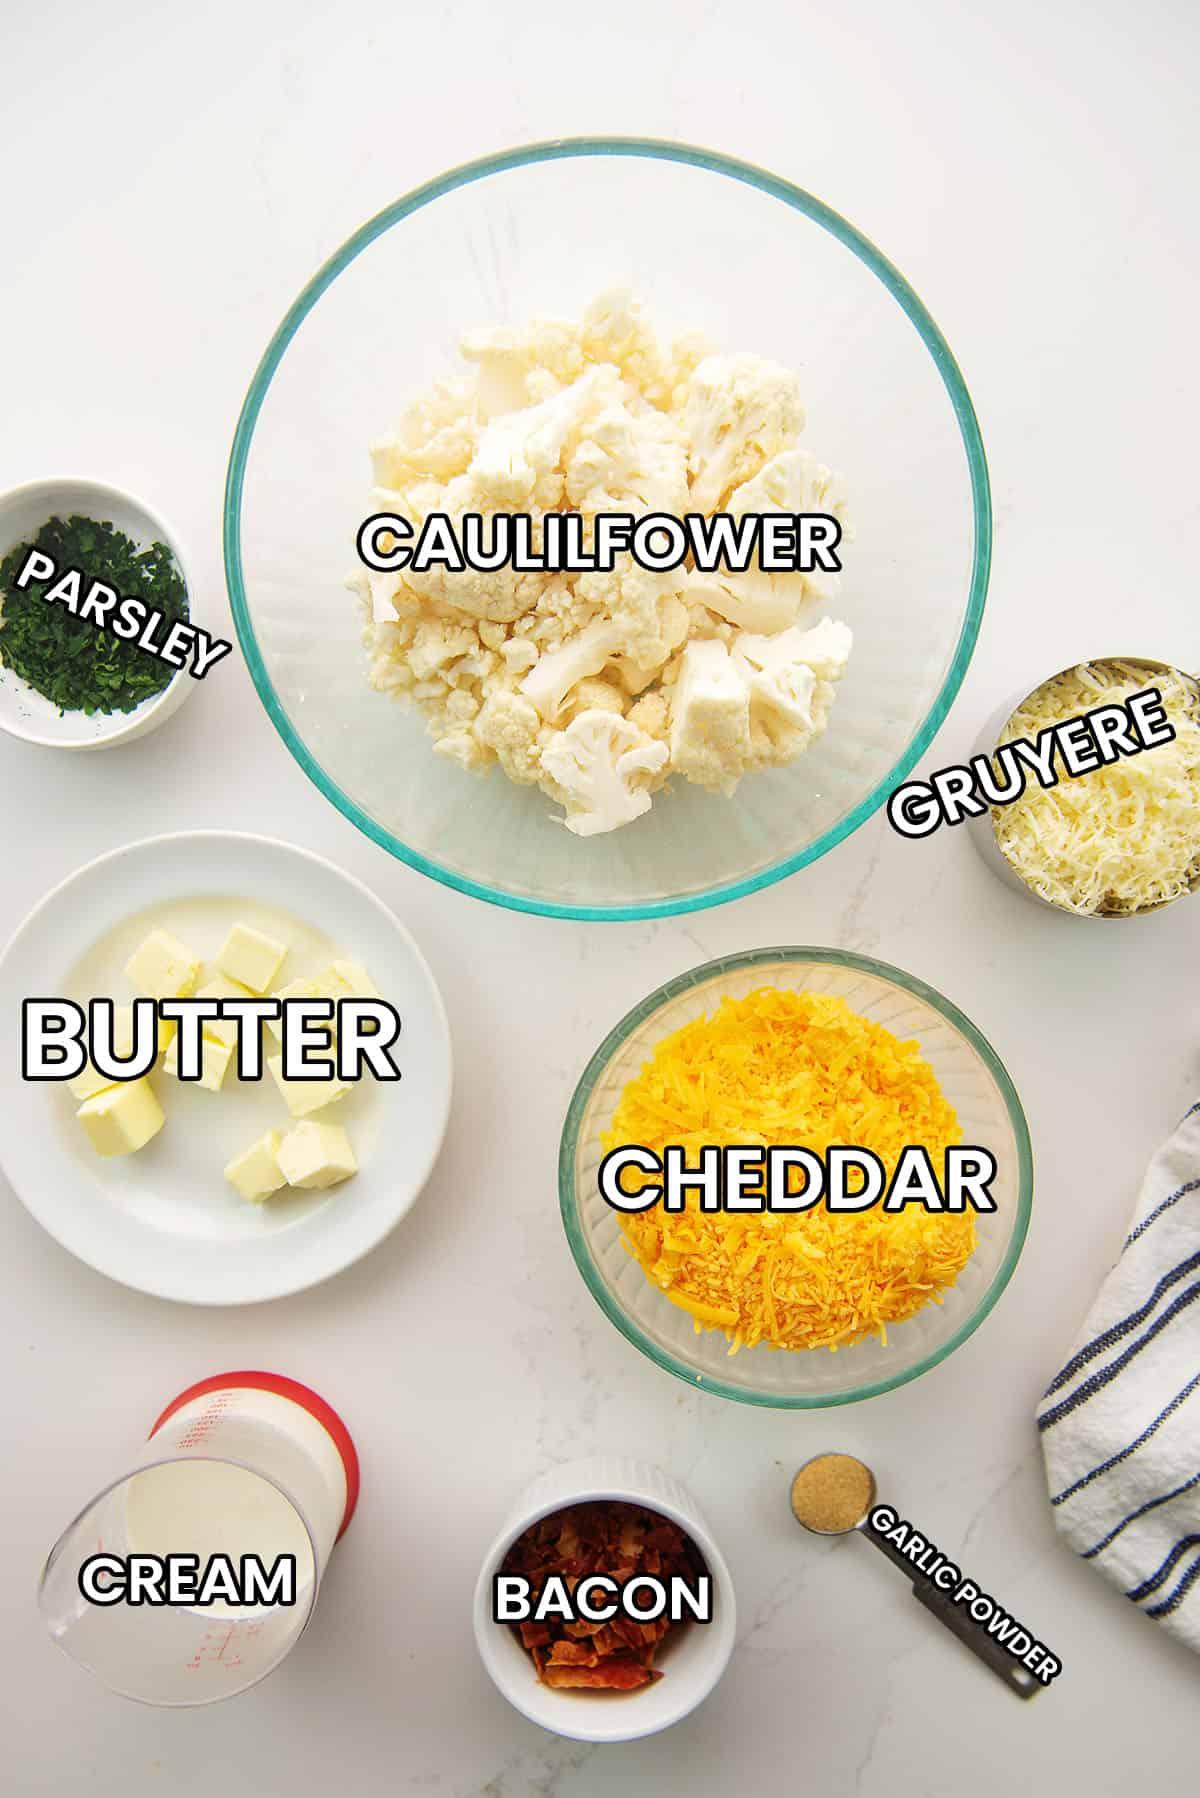 ingredients for cauliflower au gratin.